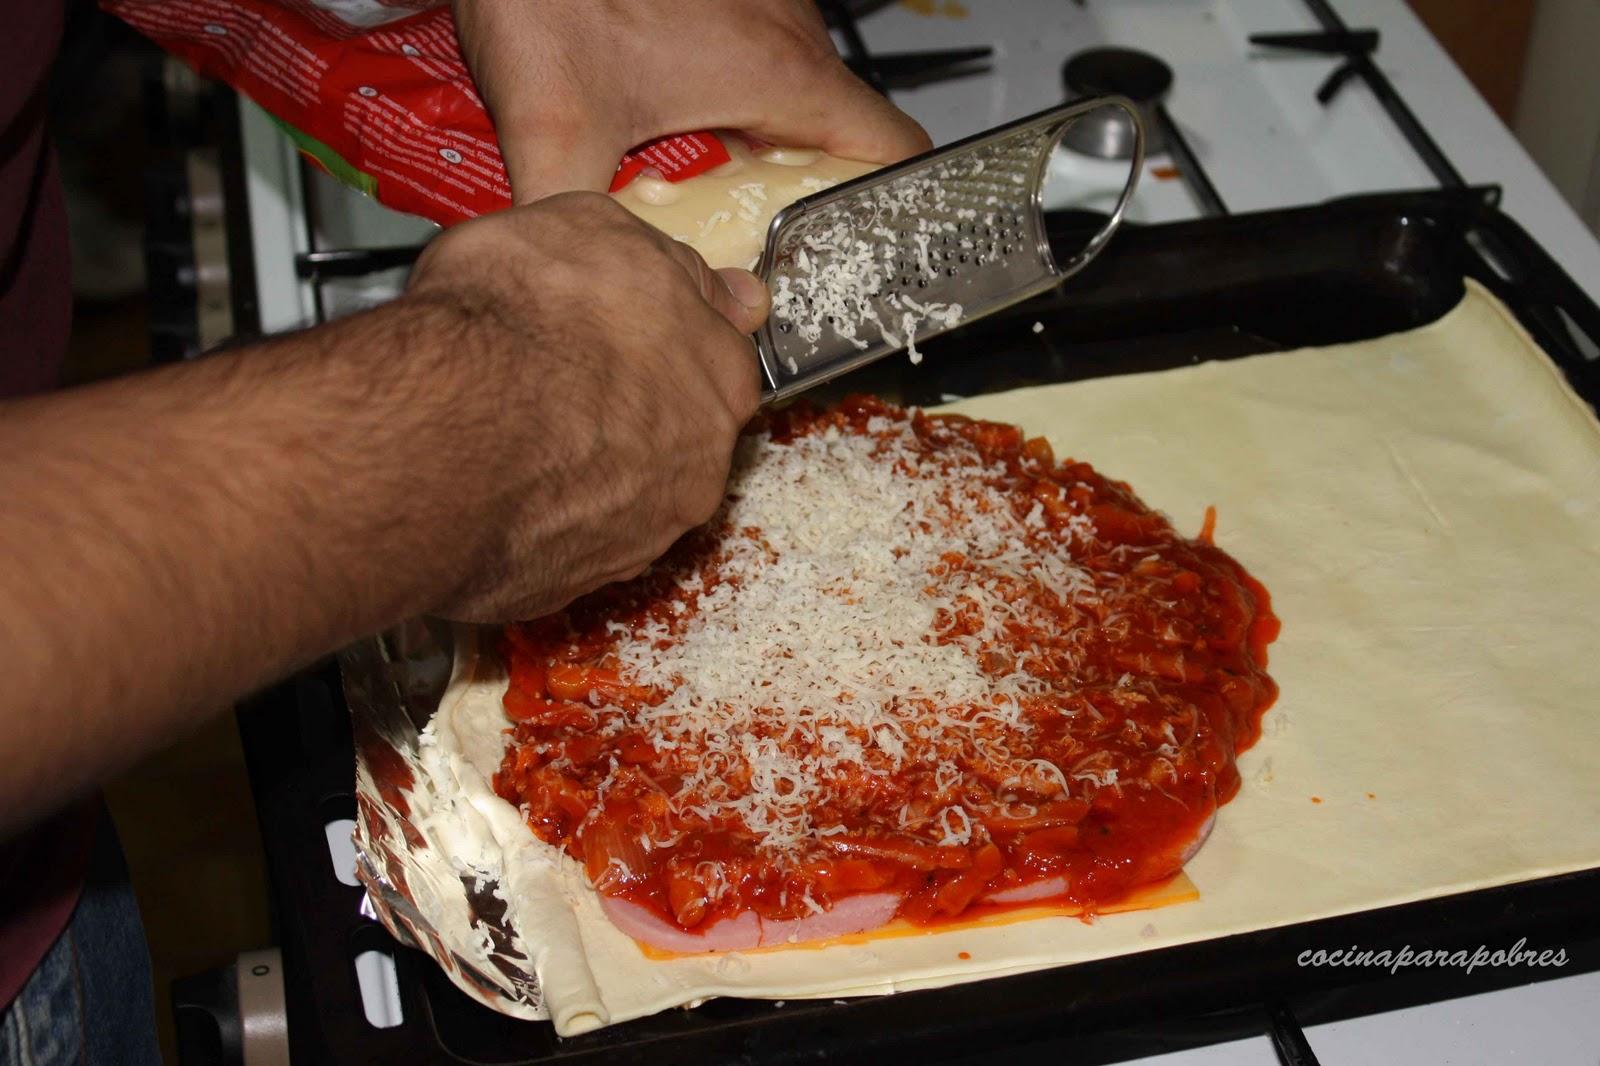 cocina para pobres hojaldre relleno